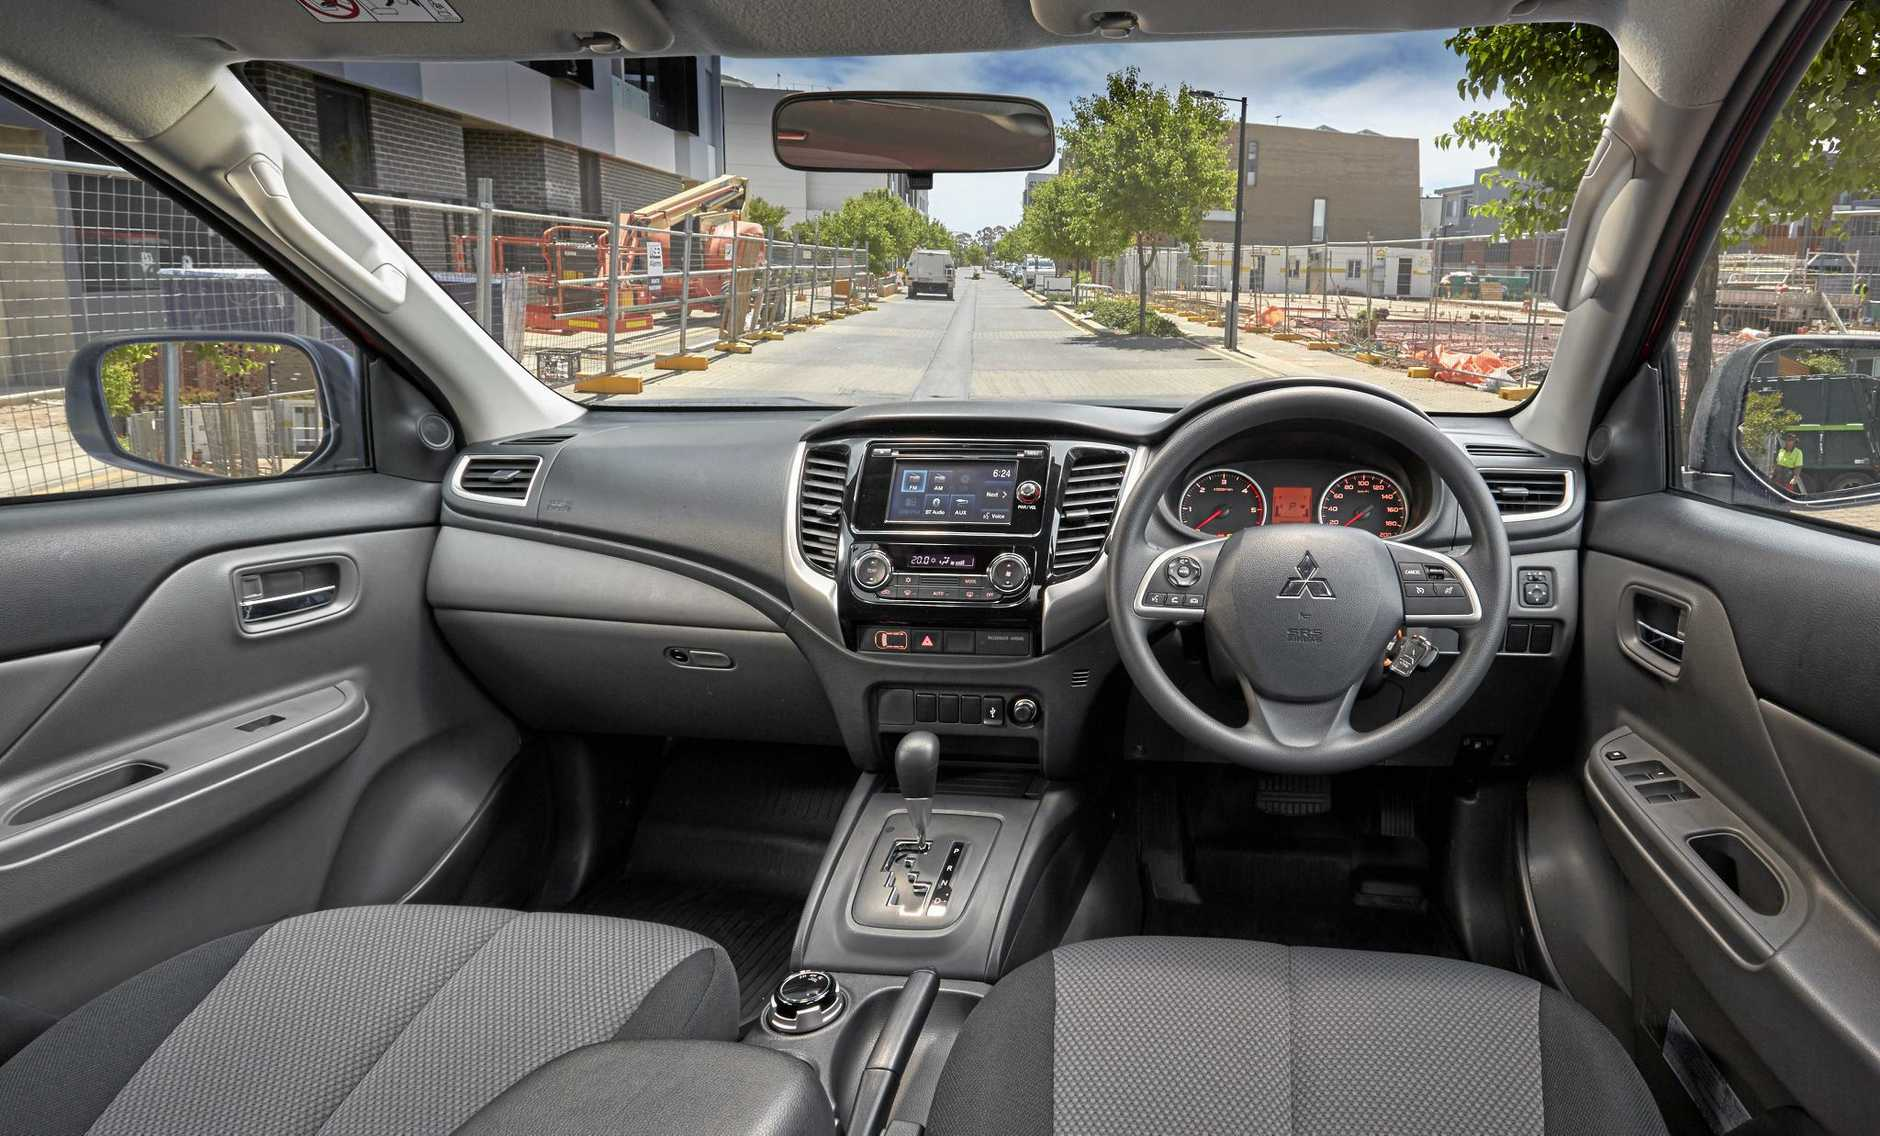 The 2017 model Mitsubishi Triton GLX+.